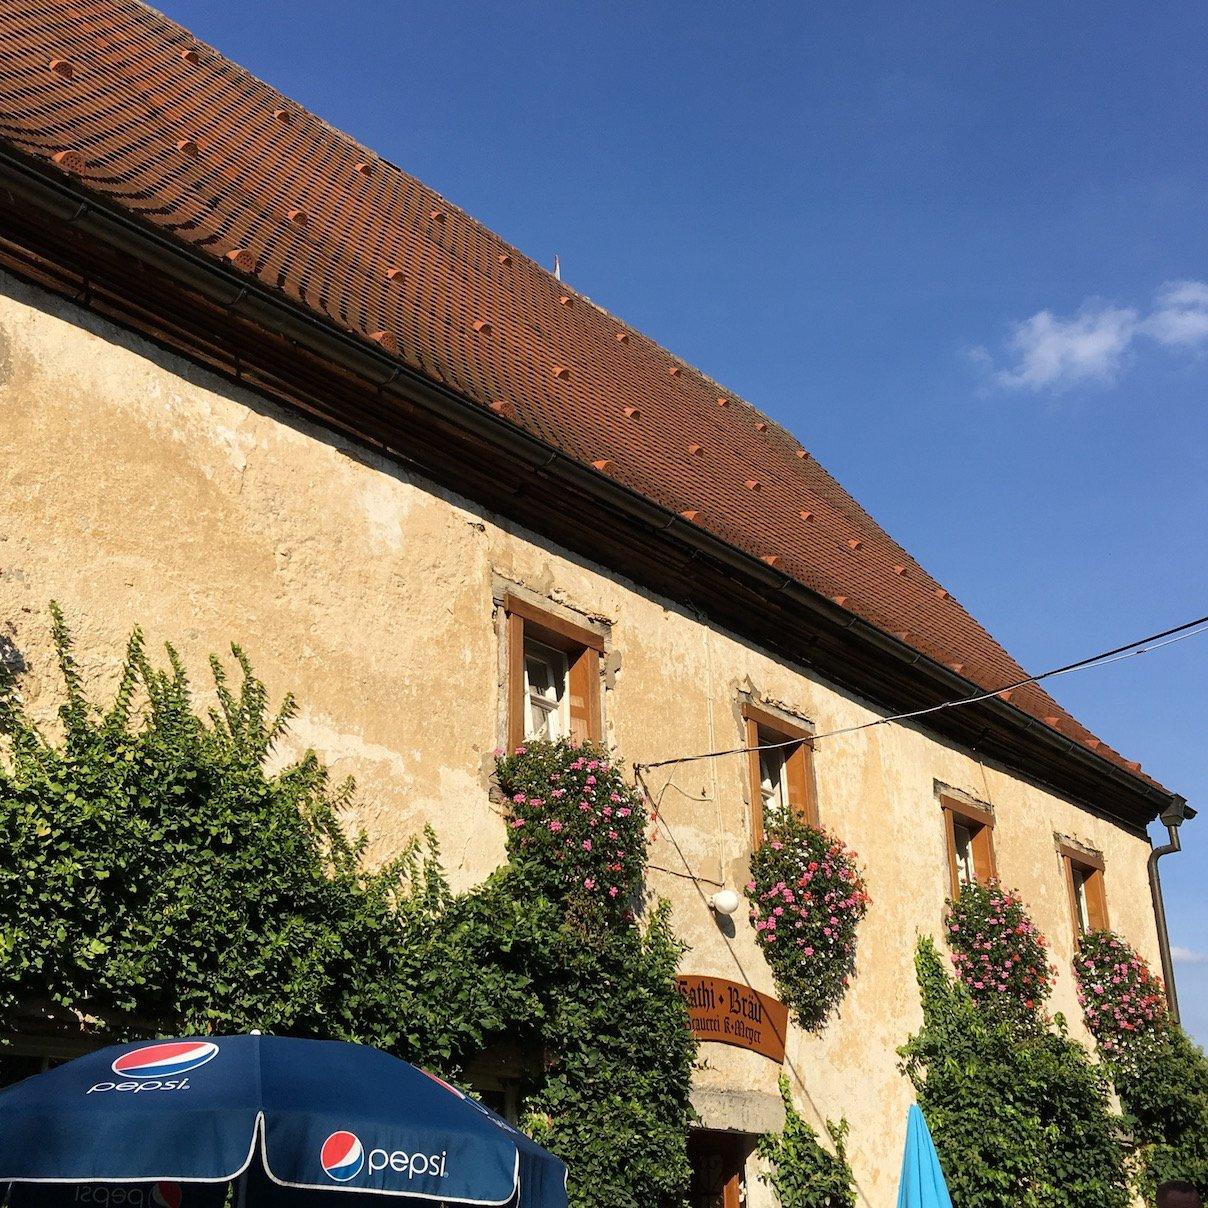 Der Gasthof von Kathi Bräu